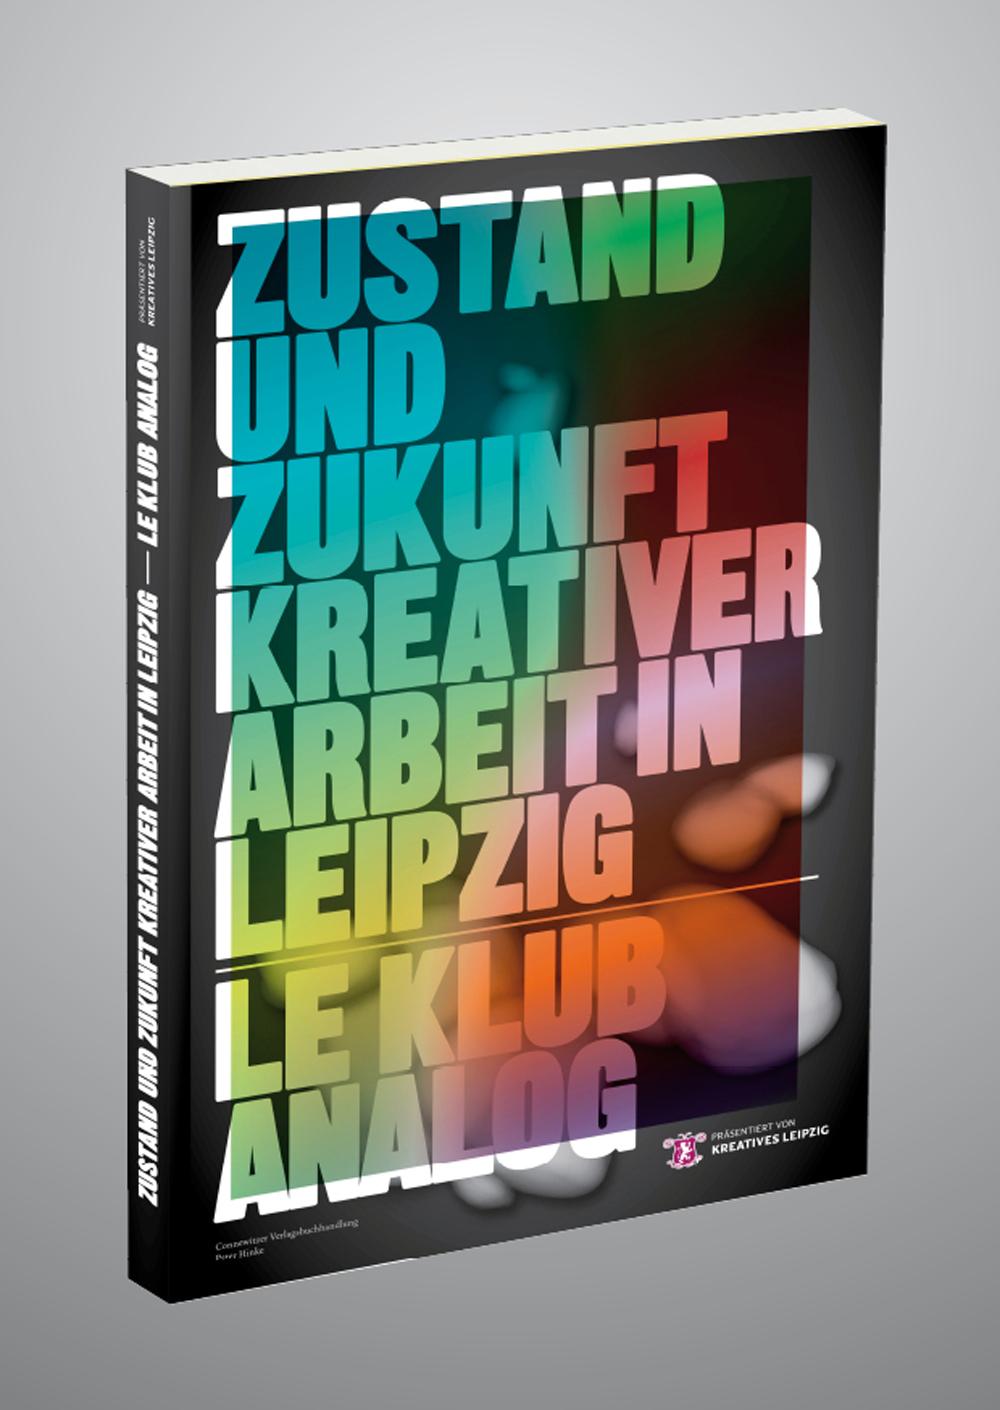 Zustand und Zukunft kreativer Arbeit in Leipzig – Le Klub Anlaog